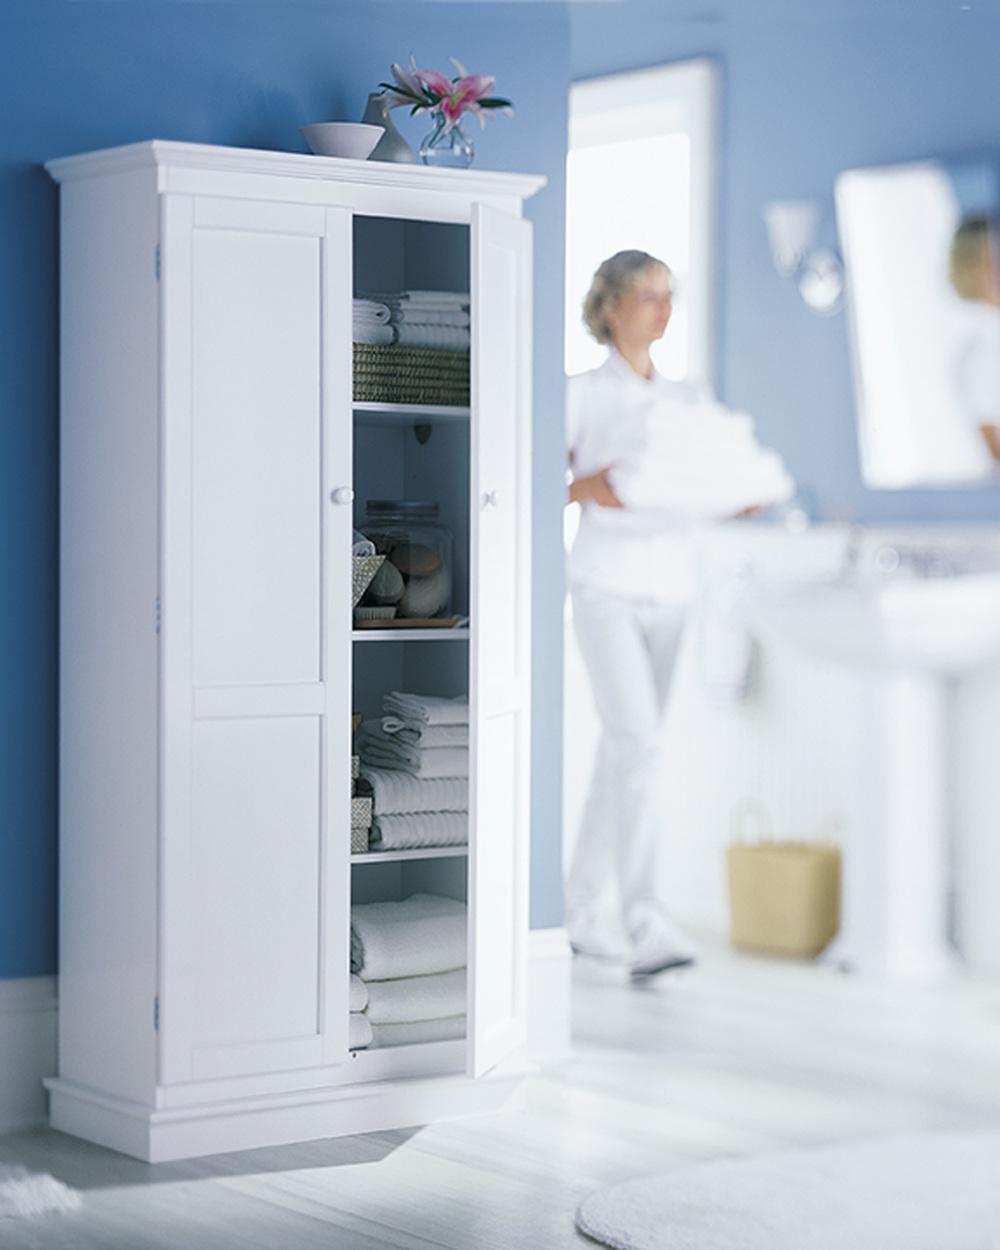 B'stone bath cabinet test R_2Kpx.jpg